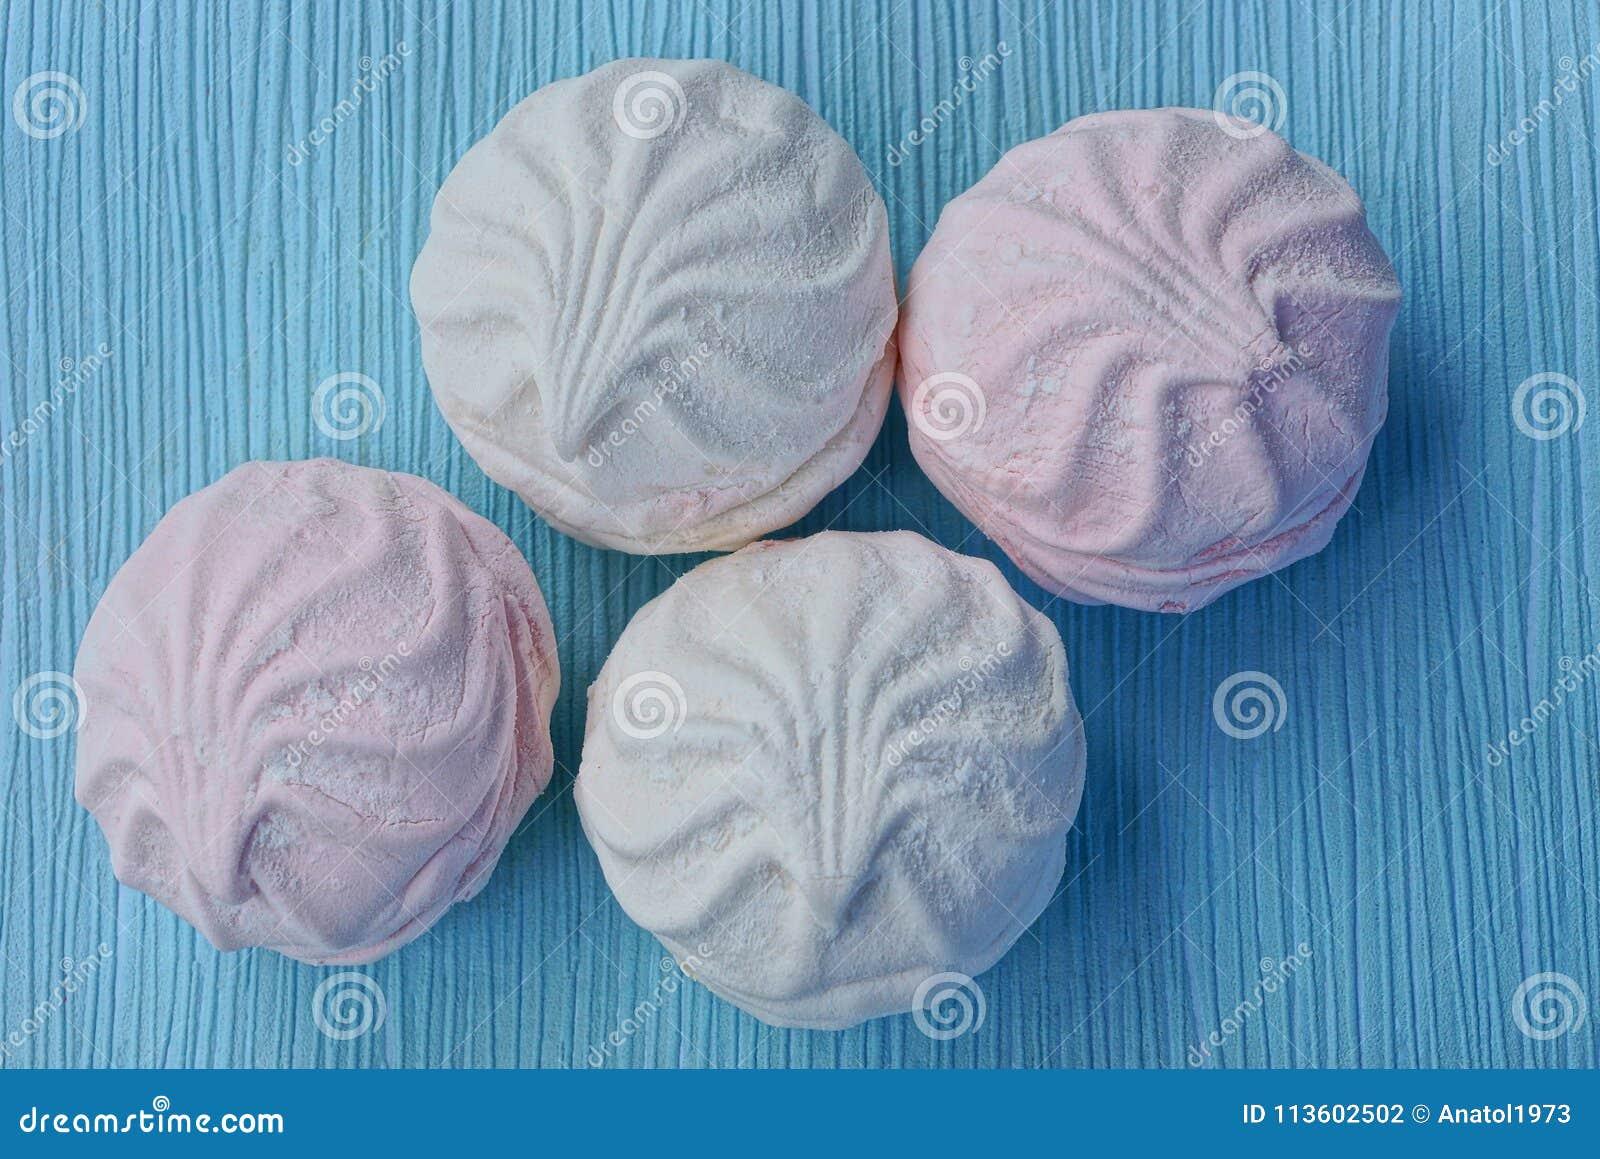 Runde weiße rosa Eibische auf einer blauen Tabelle